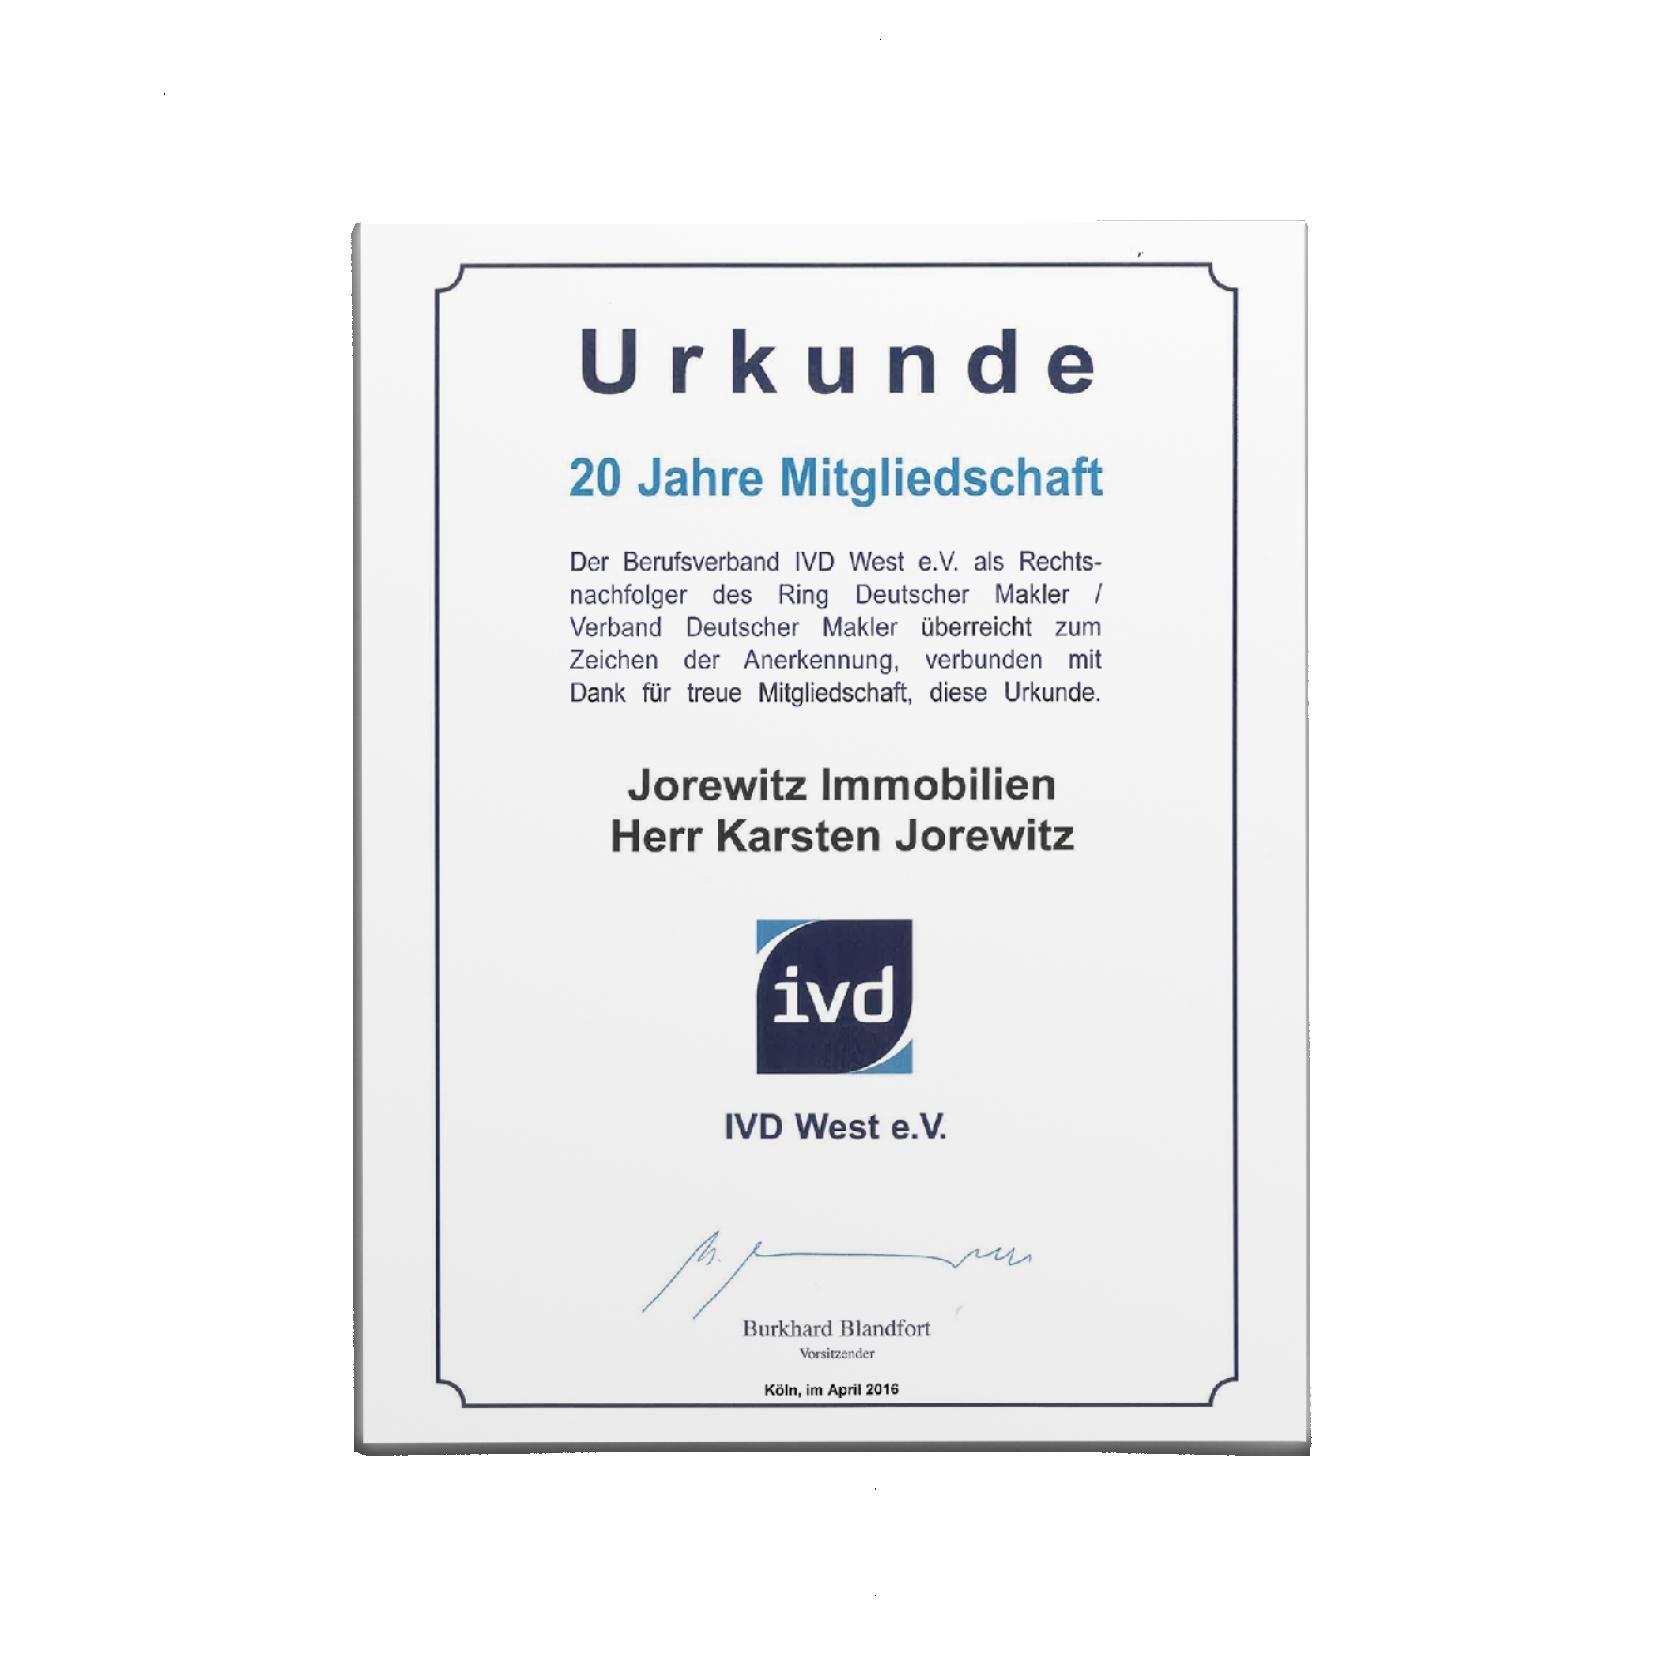 Urkunde_20 Jahre Mitgliedschaft IVD